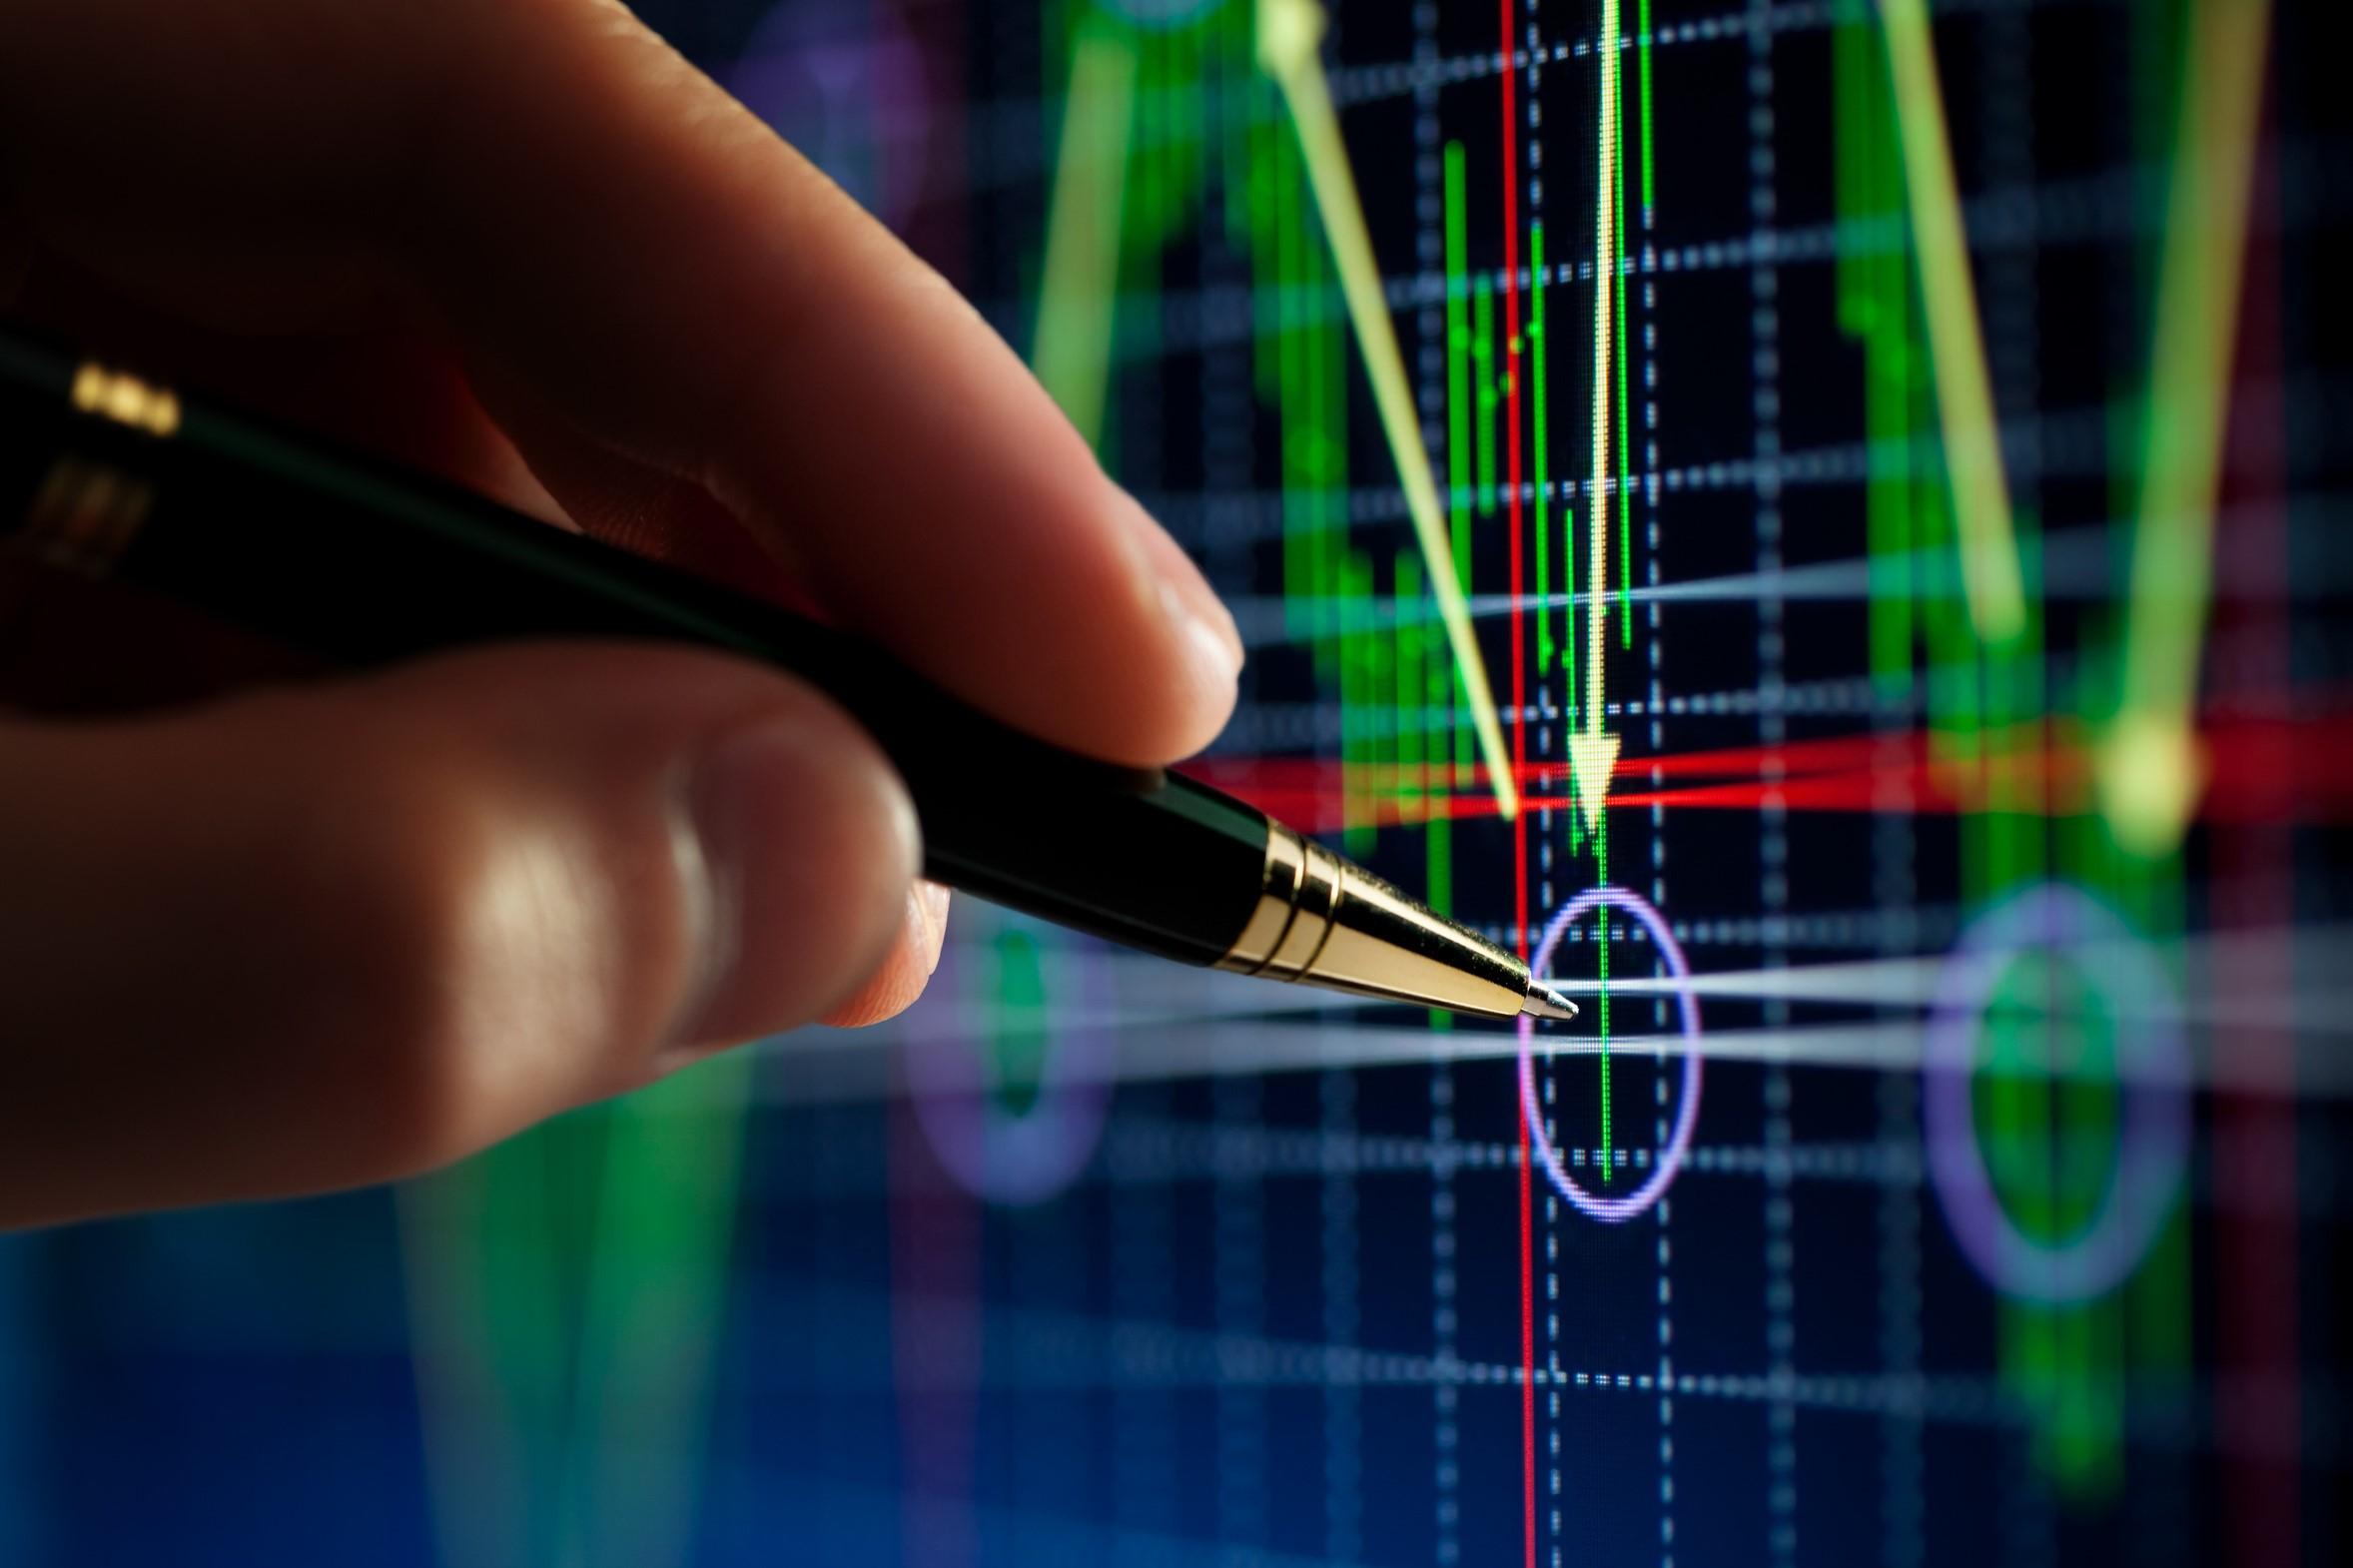 رشد ۳۳۹ واحدی شاخص بورس در آغاز معاملات